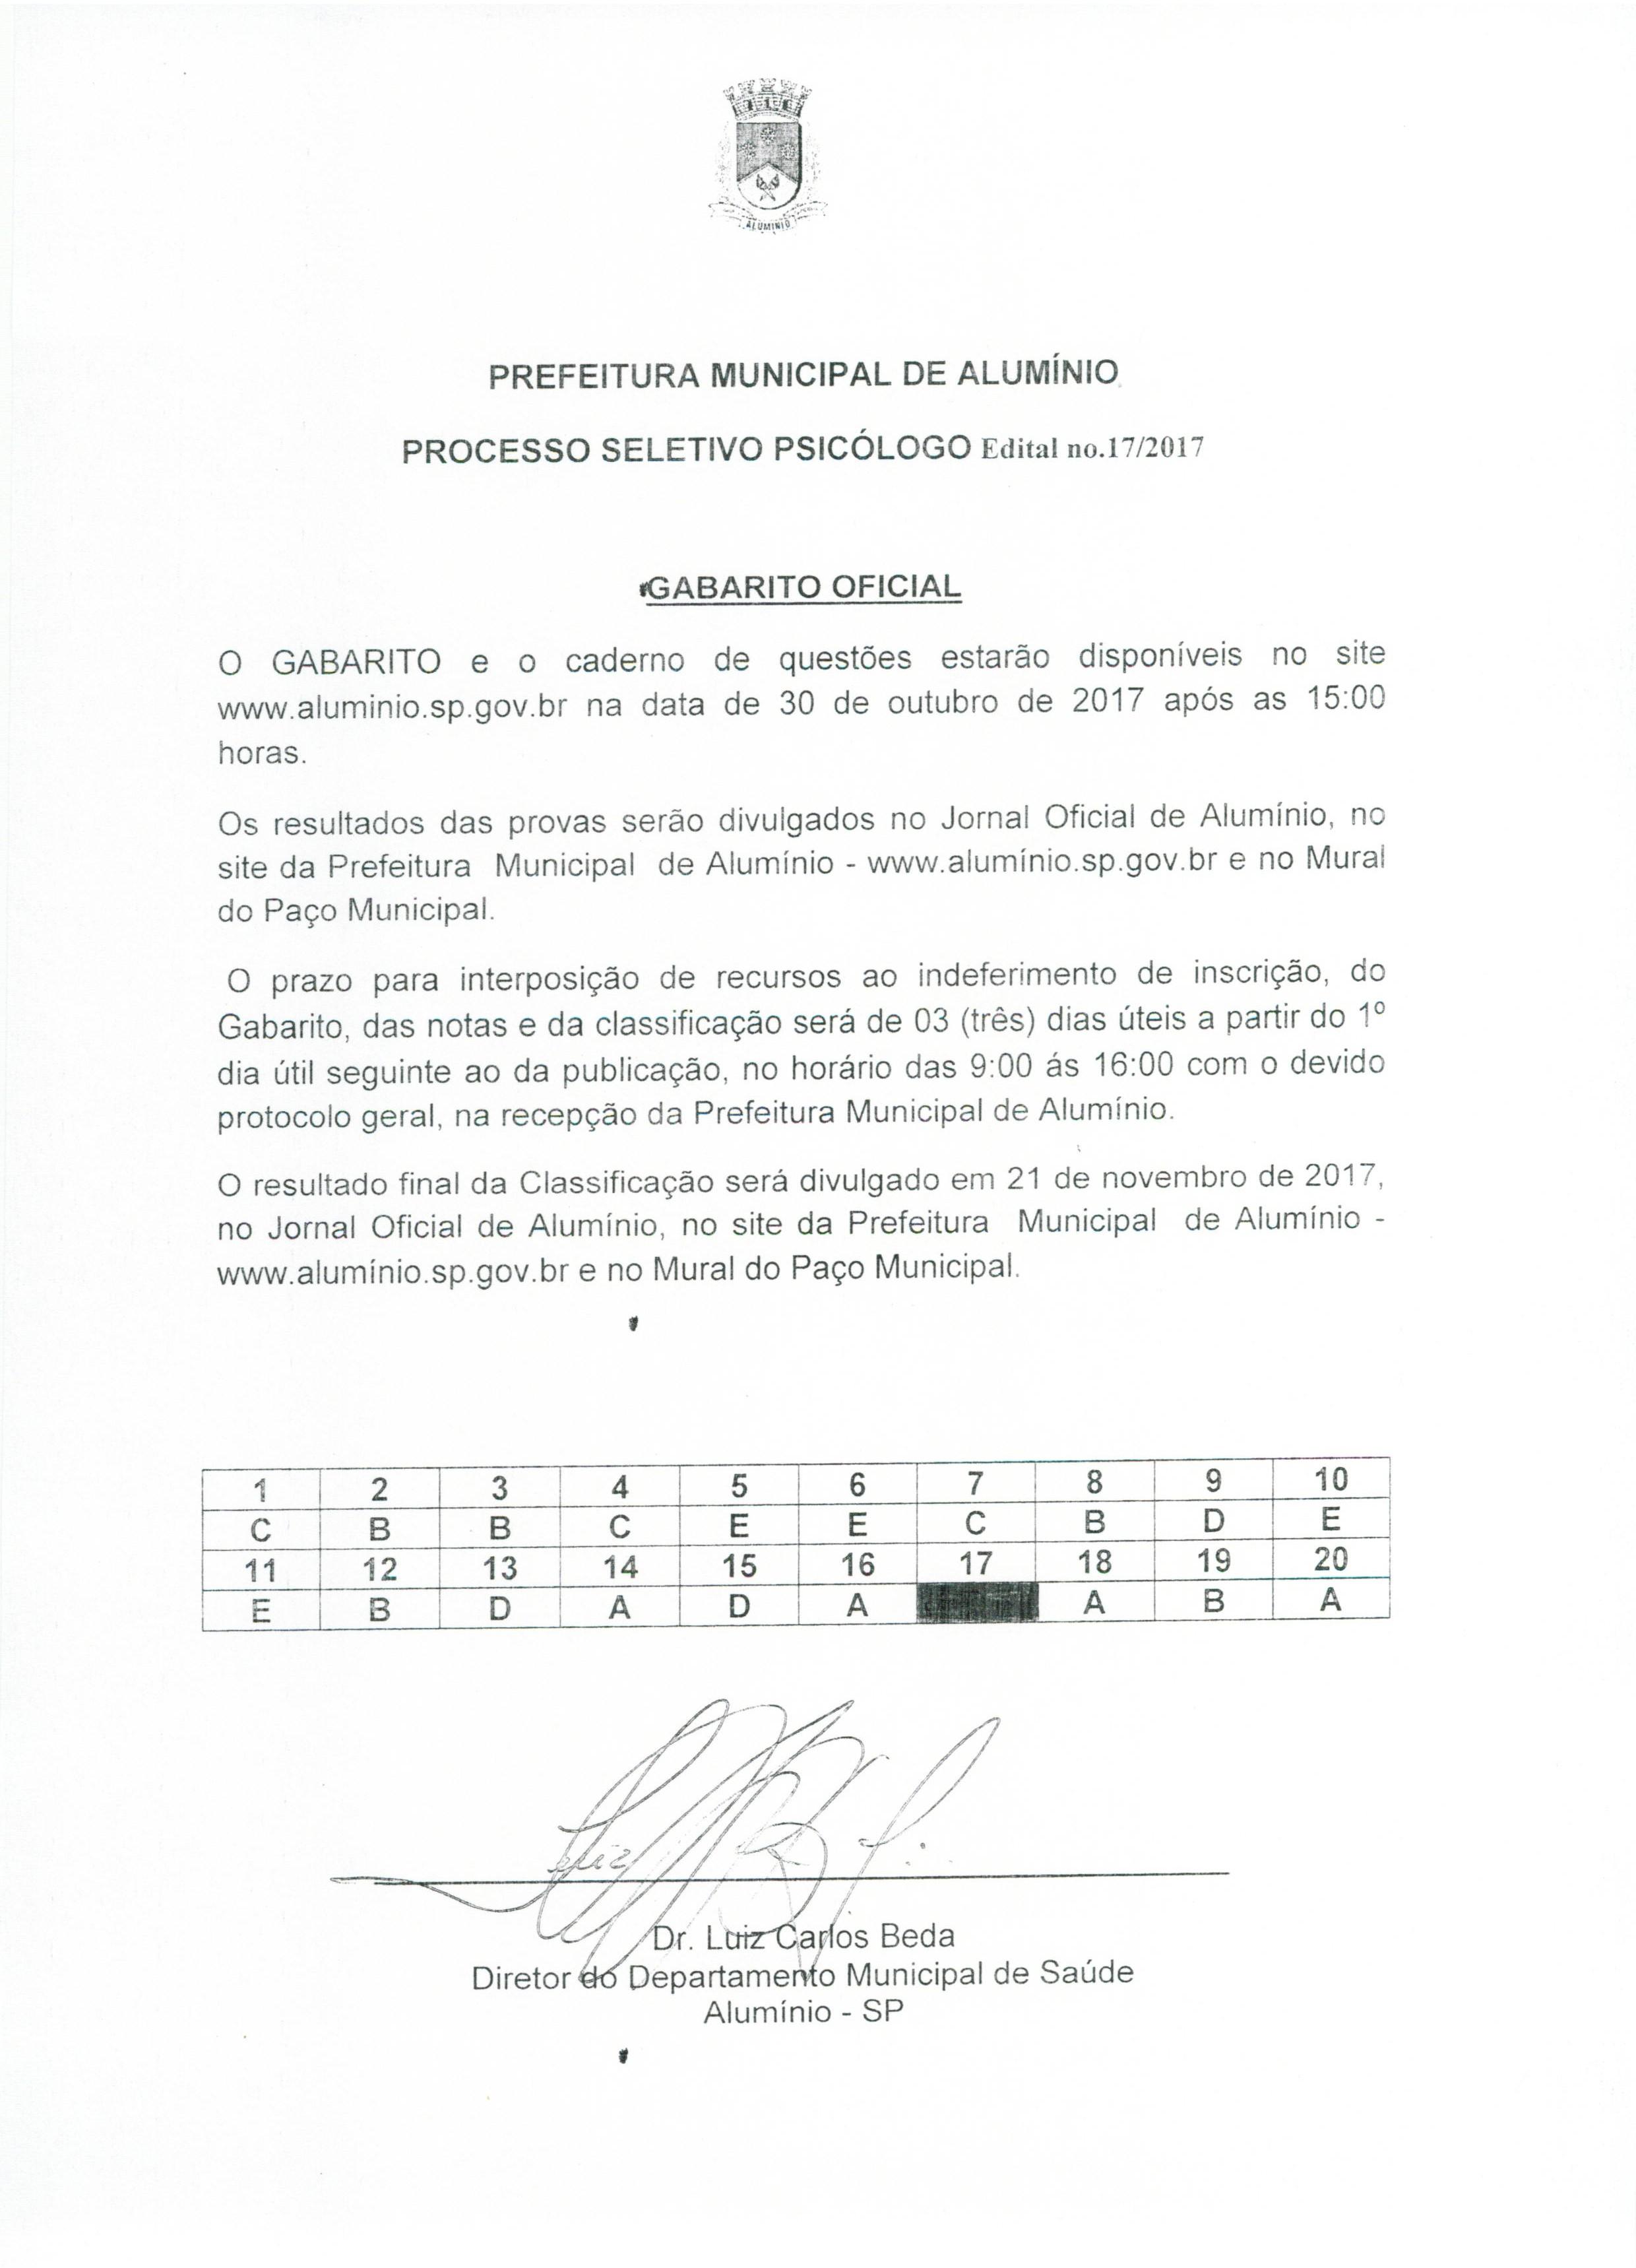 Gabarito Oficial Processo Seletivo - Psicologo